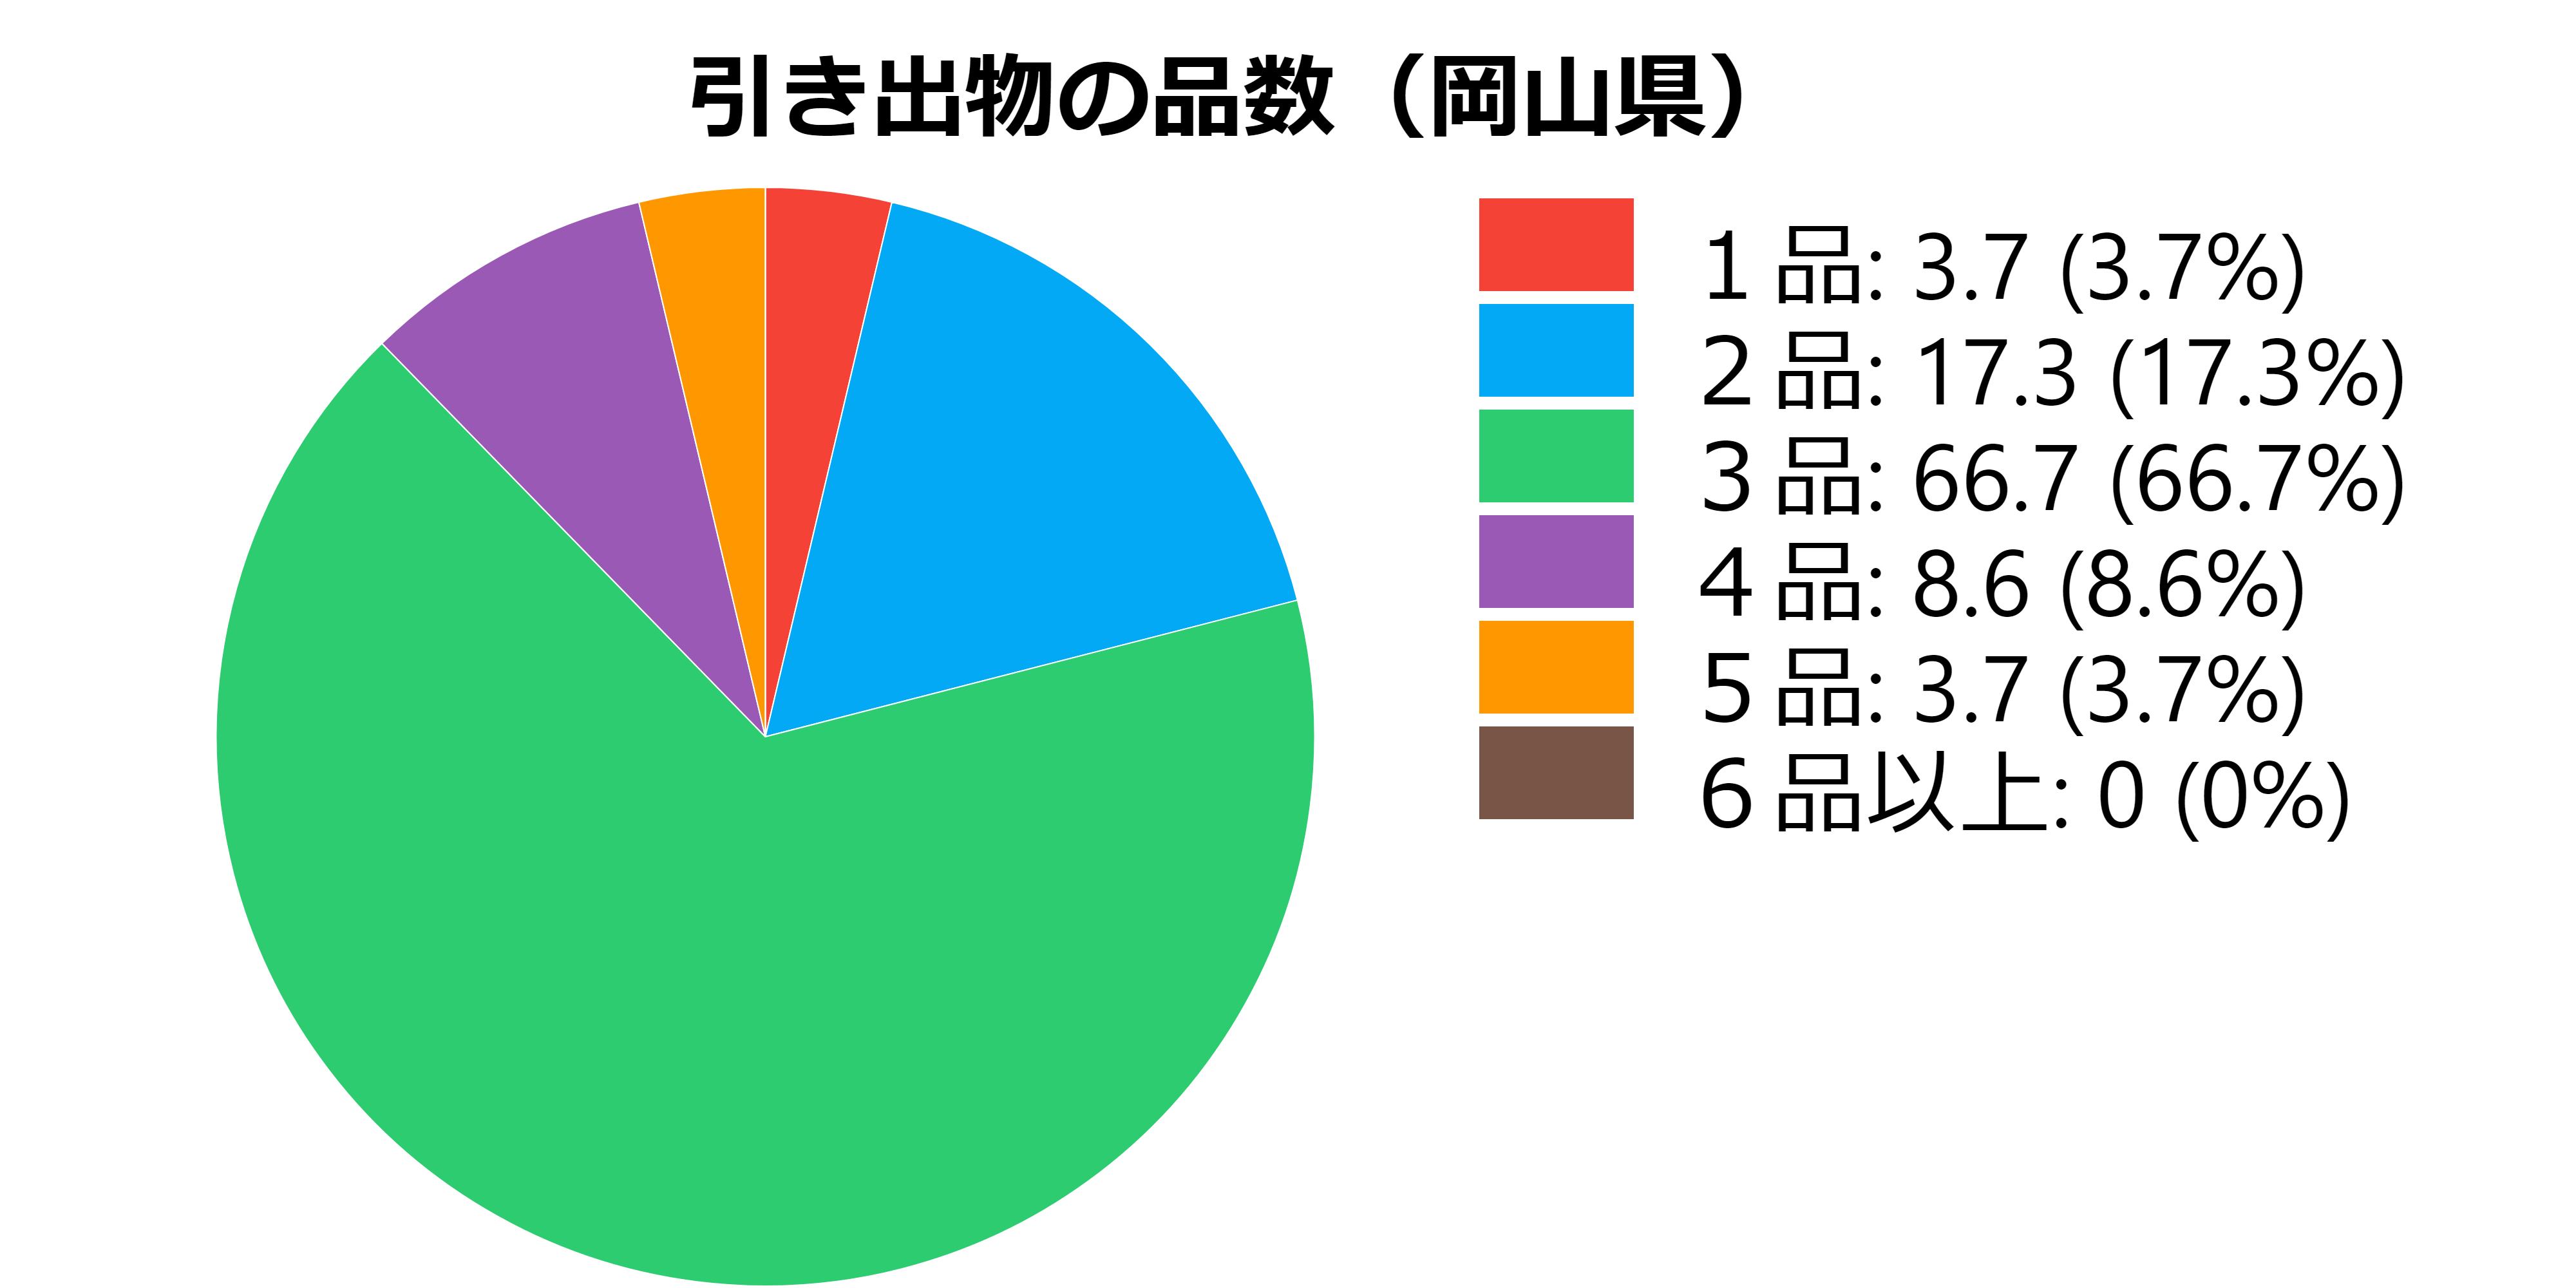 品数(岡山県)